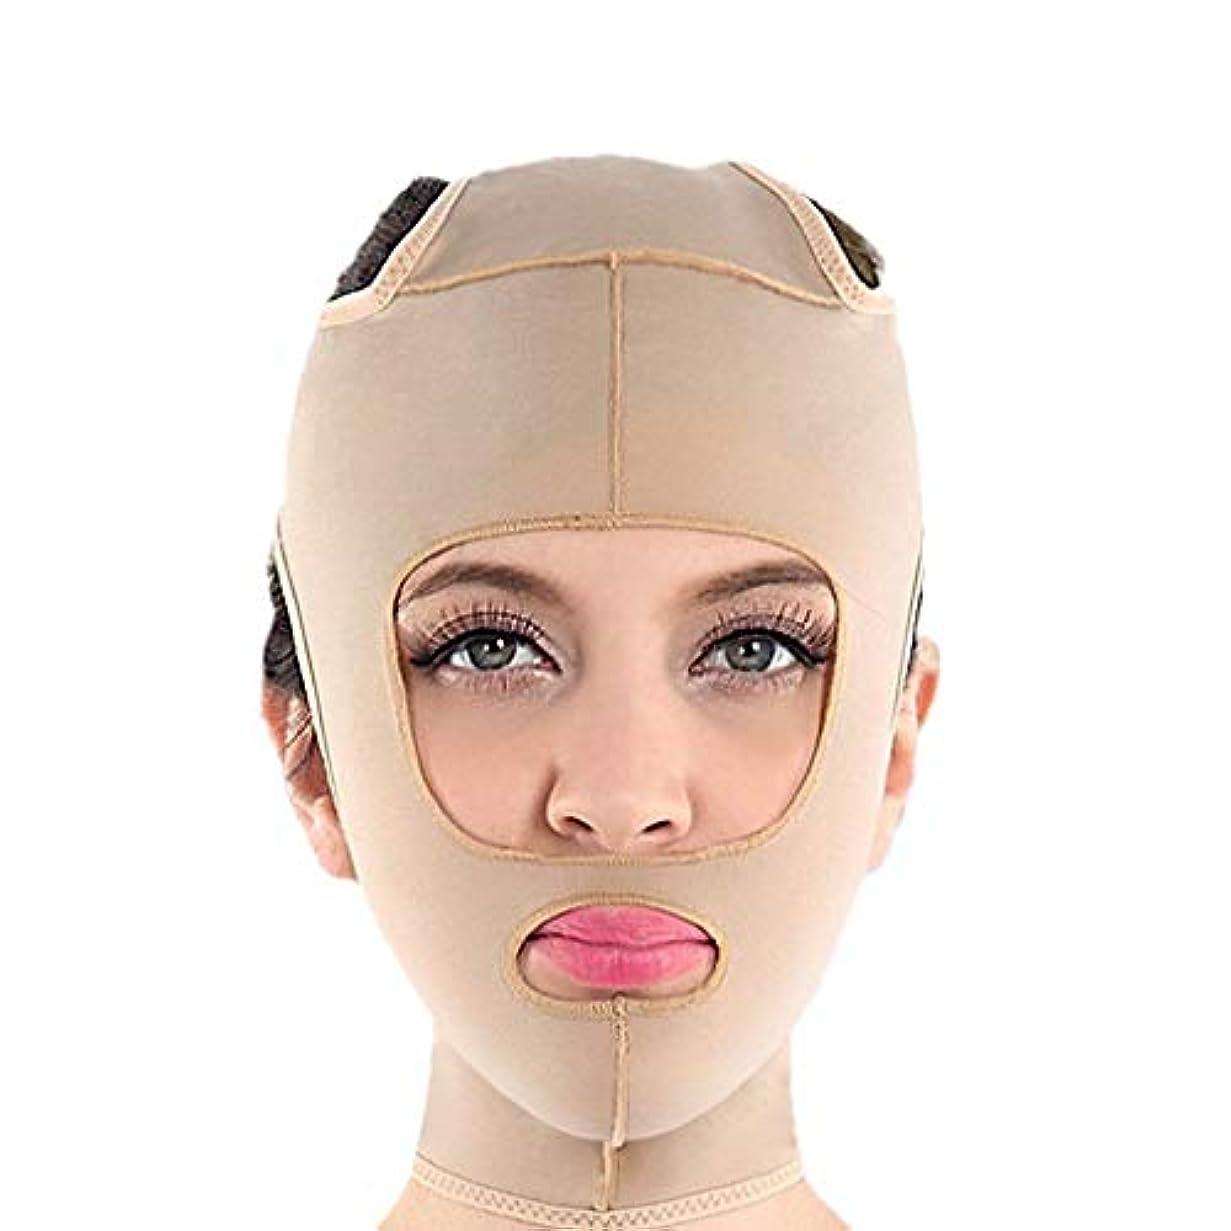 手がかりそばに受け入れたフェイスリフティング、ダブルチンストラップ、フェイシャル減量マスク、ダブルチンを減らすリフティングヌードル、ファーミングフェイス、パワフルリフティングマスク(サイズ:M),XL